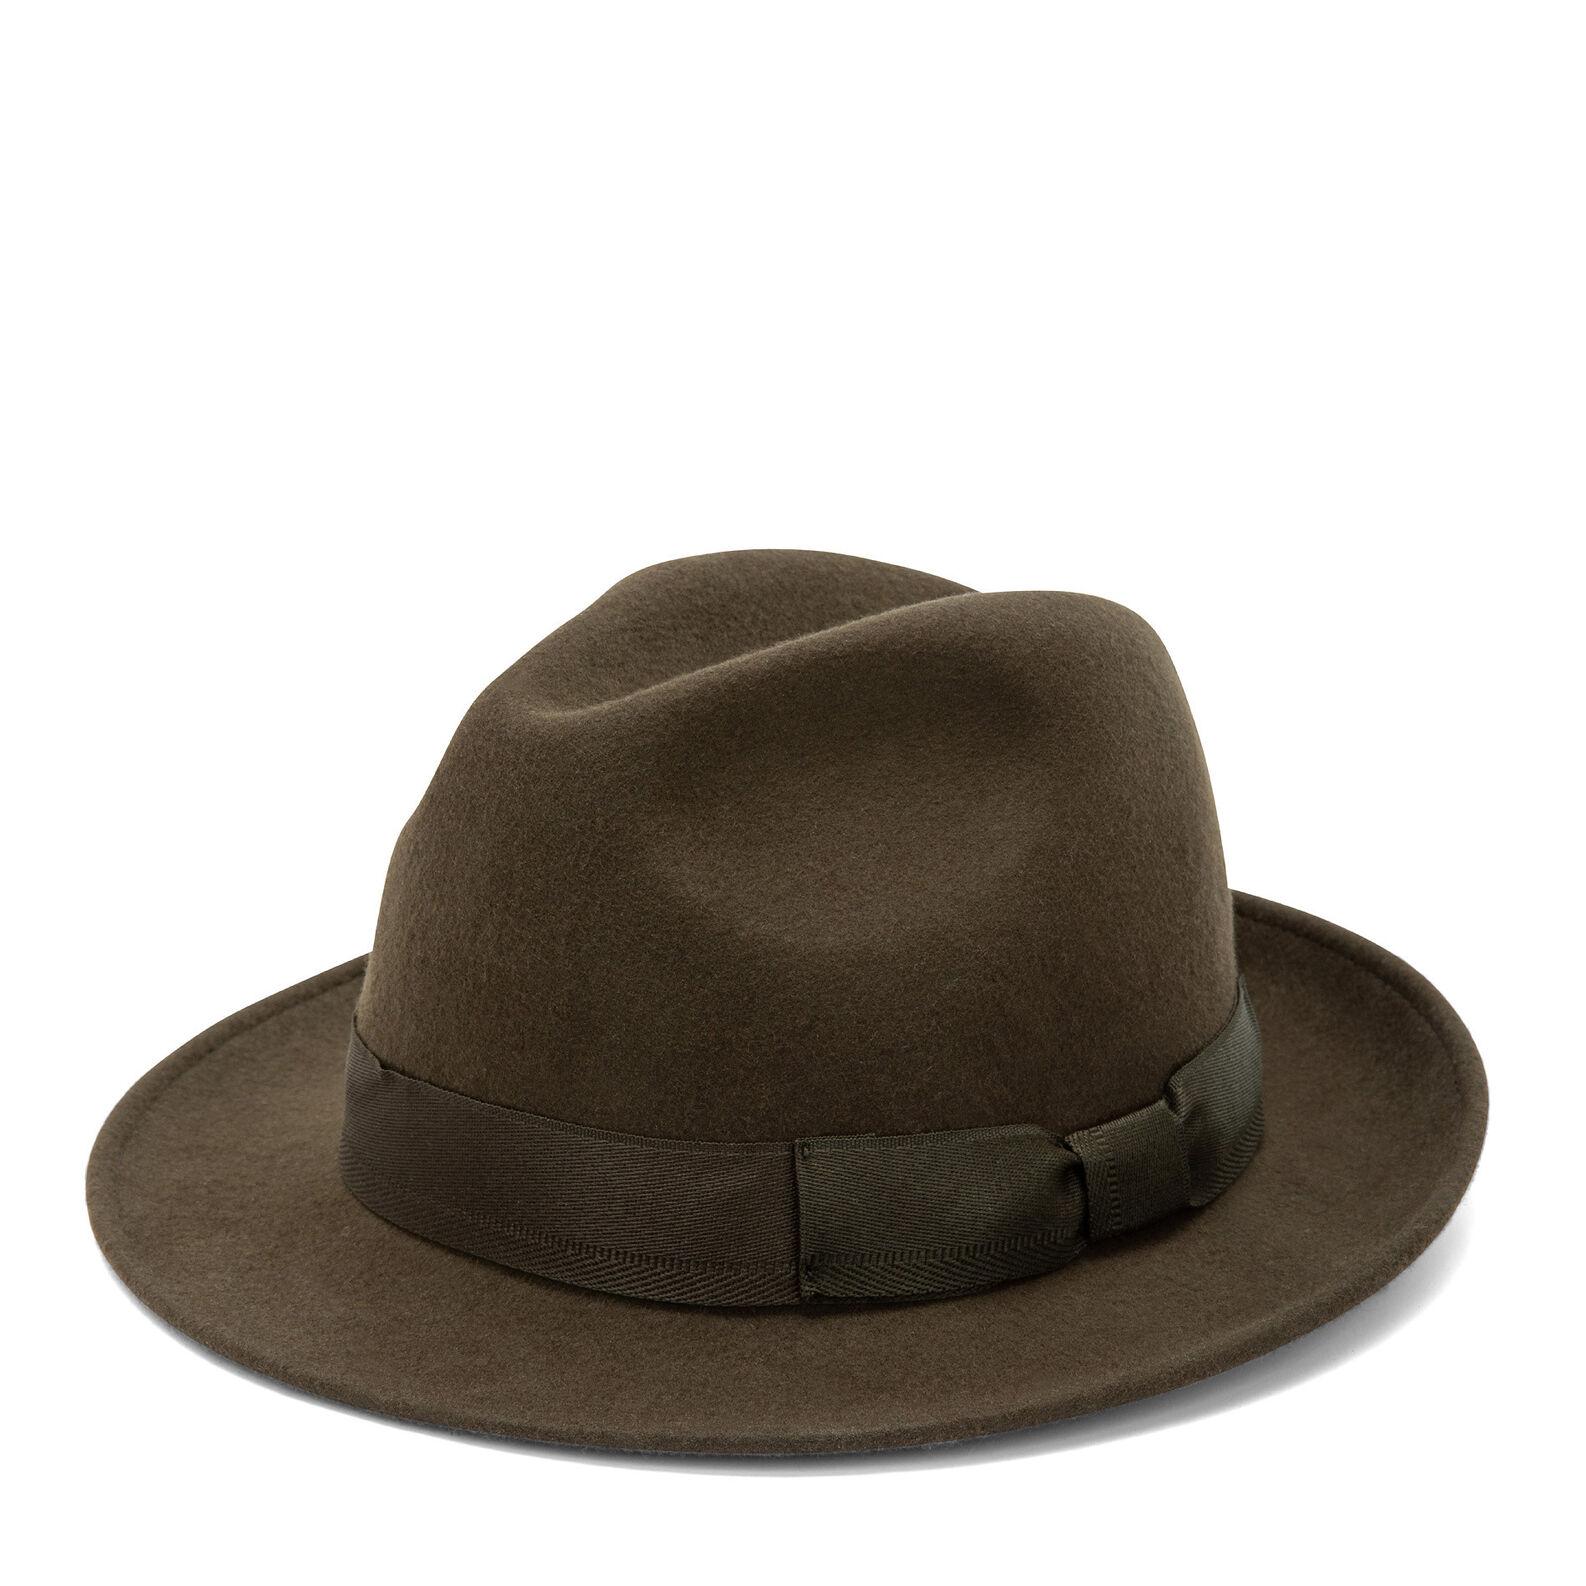 Wide brim hat in pure wool